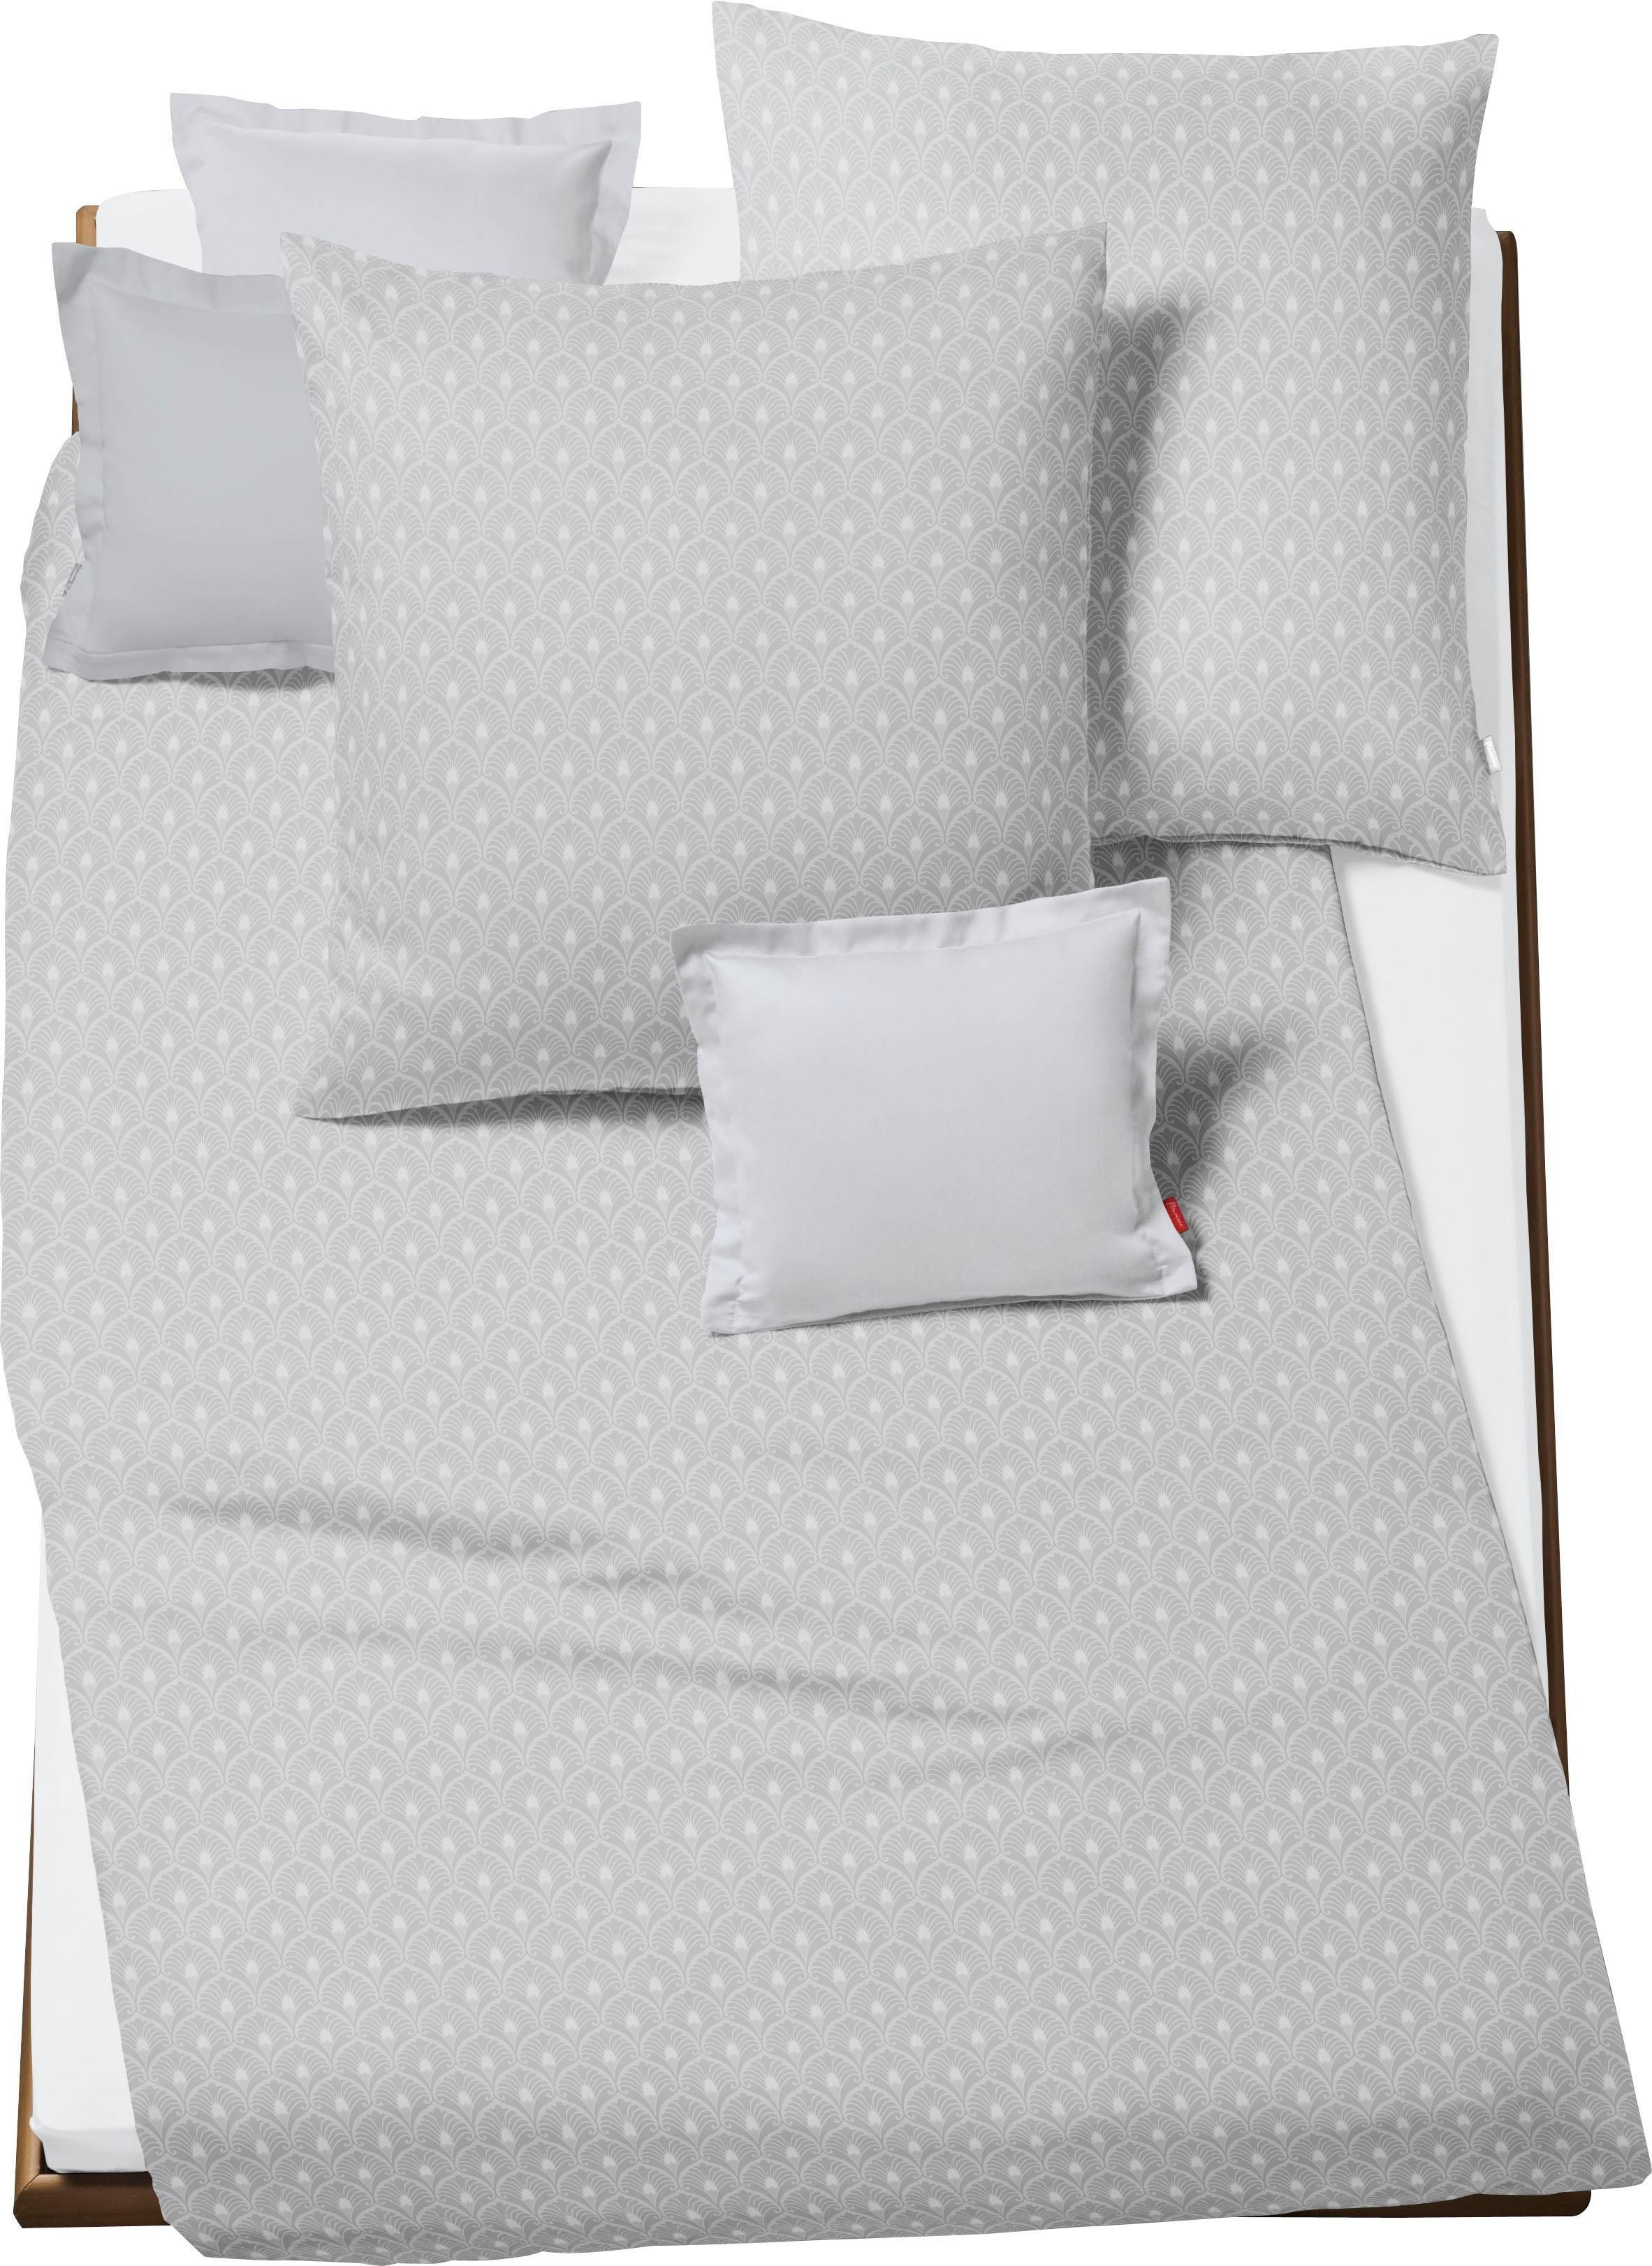 sopran barock preisvergleich die besten angebote online kaufen. Black Bedroom Furniture Sets. Home Design Ideas